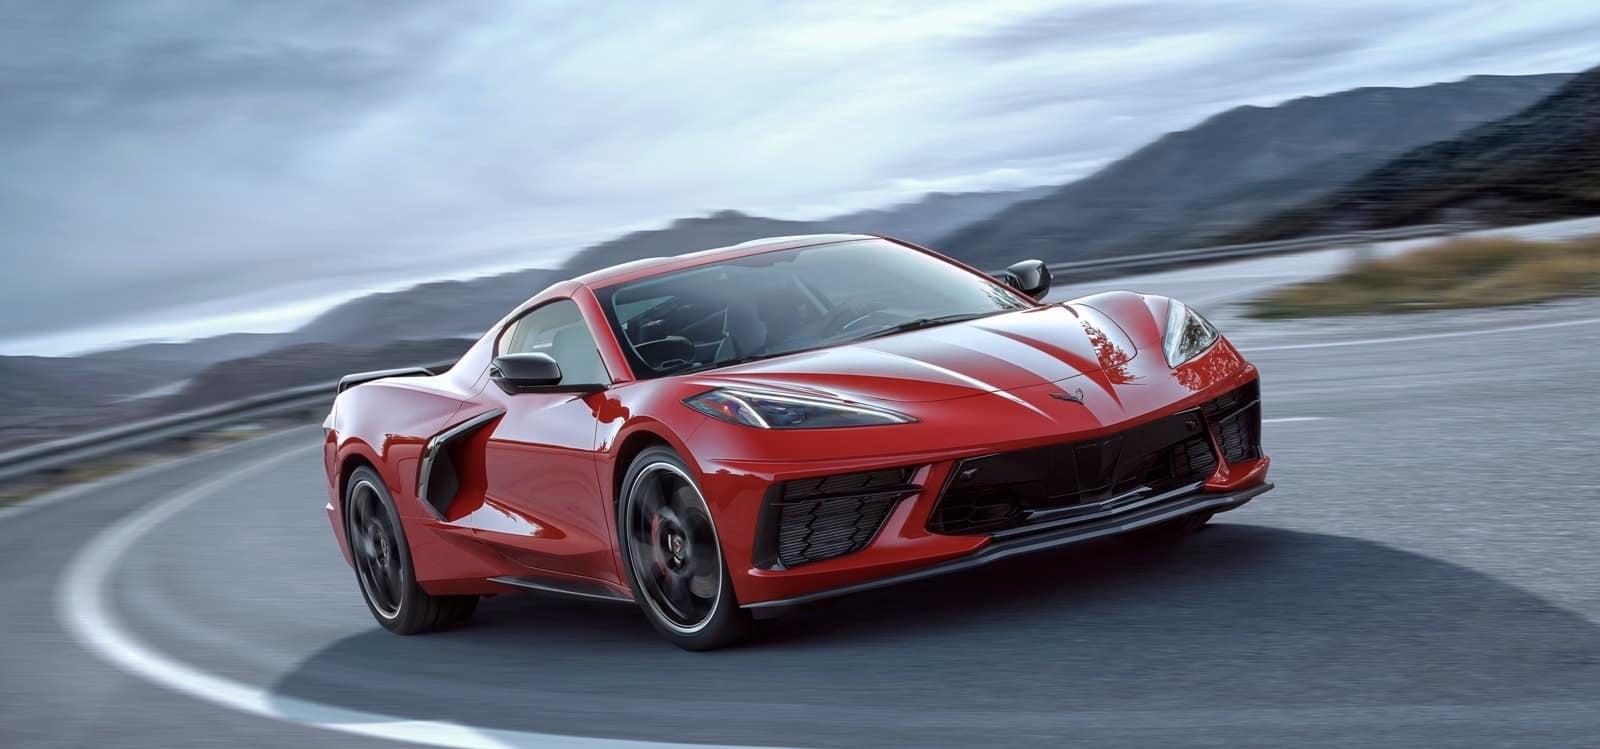 El sistema de elevación del morro del Corvette C8 se apoya en el GPS: Ya no tendrás que preocuparte por los badenes